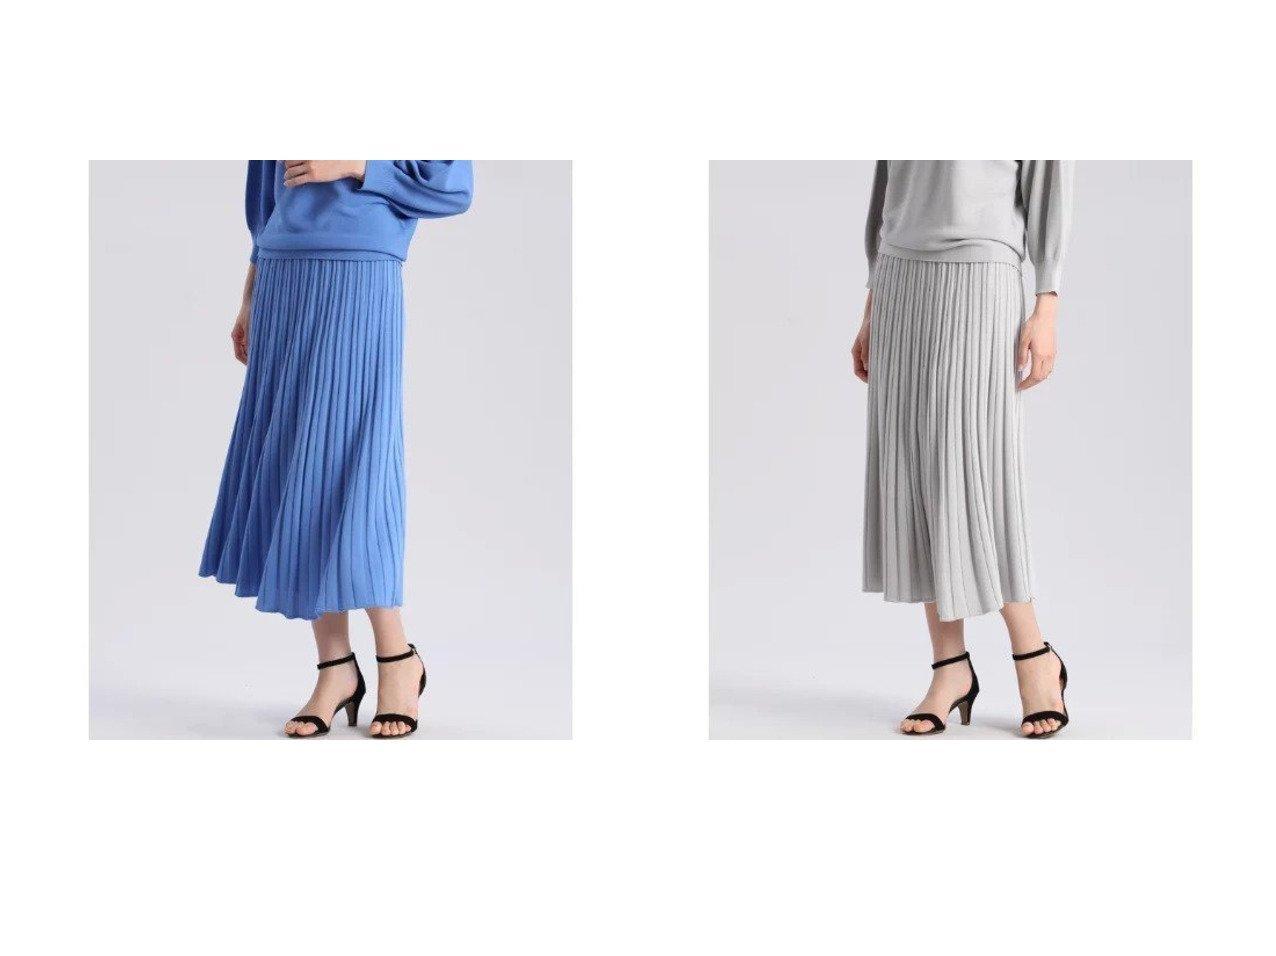 【INED/イネド】のホールガーメント(R)ニットフレアスカート《Cuoo》 スカートのおすすめ!人気、トレンド・レディースファッションの通販 おすすめで人気の流行・トレンド、ファッションの通販商品 メンズファッション・キッズファッション・インテリア・家具・レディースファッション・服の通販 founy(ファニー) https://founy.com/ ファッション Fashion レディースファッション WOMEN スカート Skirt Aライン/フレアスカート Flared A-Line Skirts カットソー キュプラ 吸水 シンプル セットアップ ドレープ プリーツ ペチコート ホールガーメント リラックス 冬 Winter おすすめ Recommend |ID:crp329100000024491